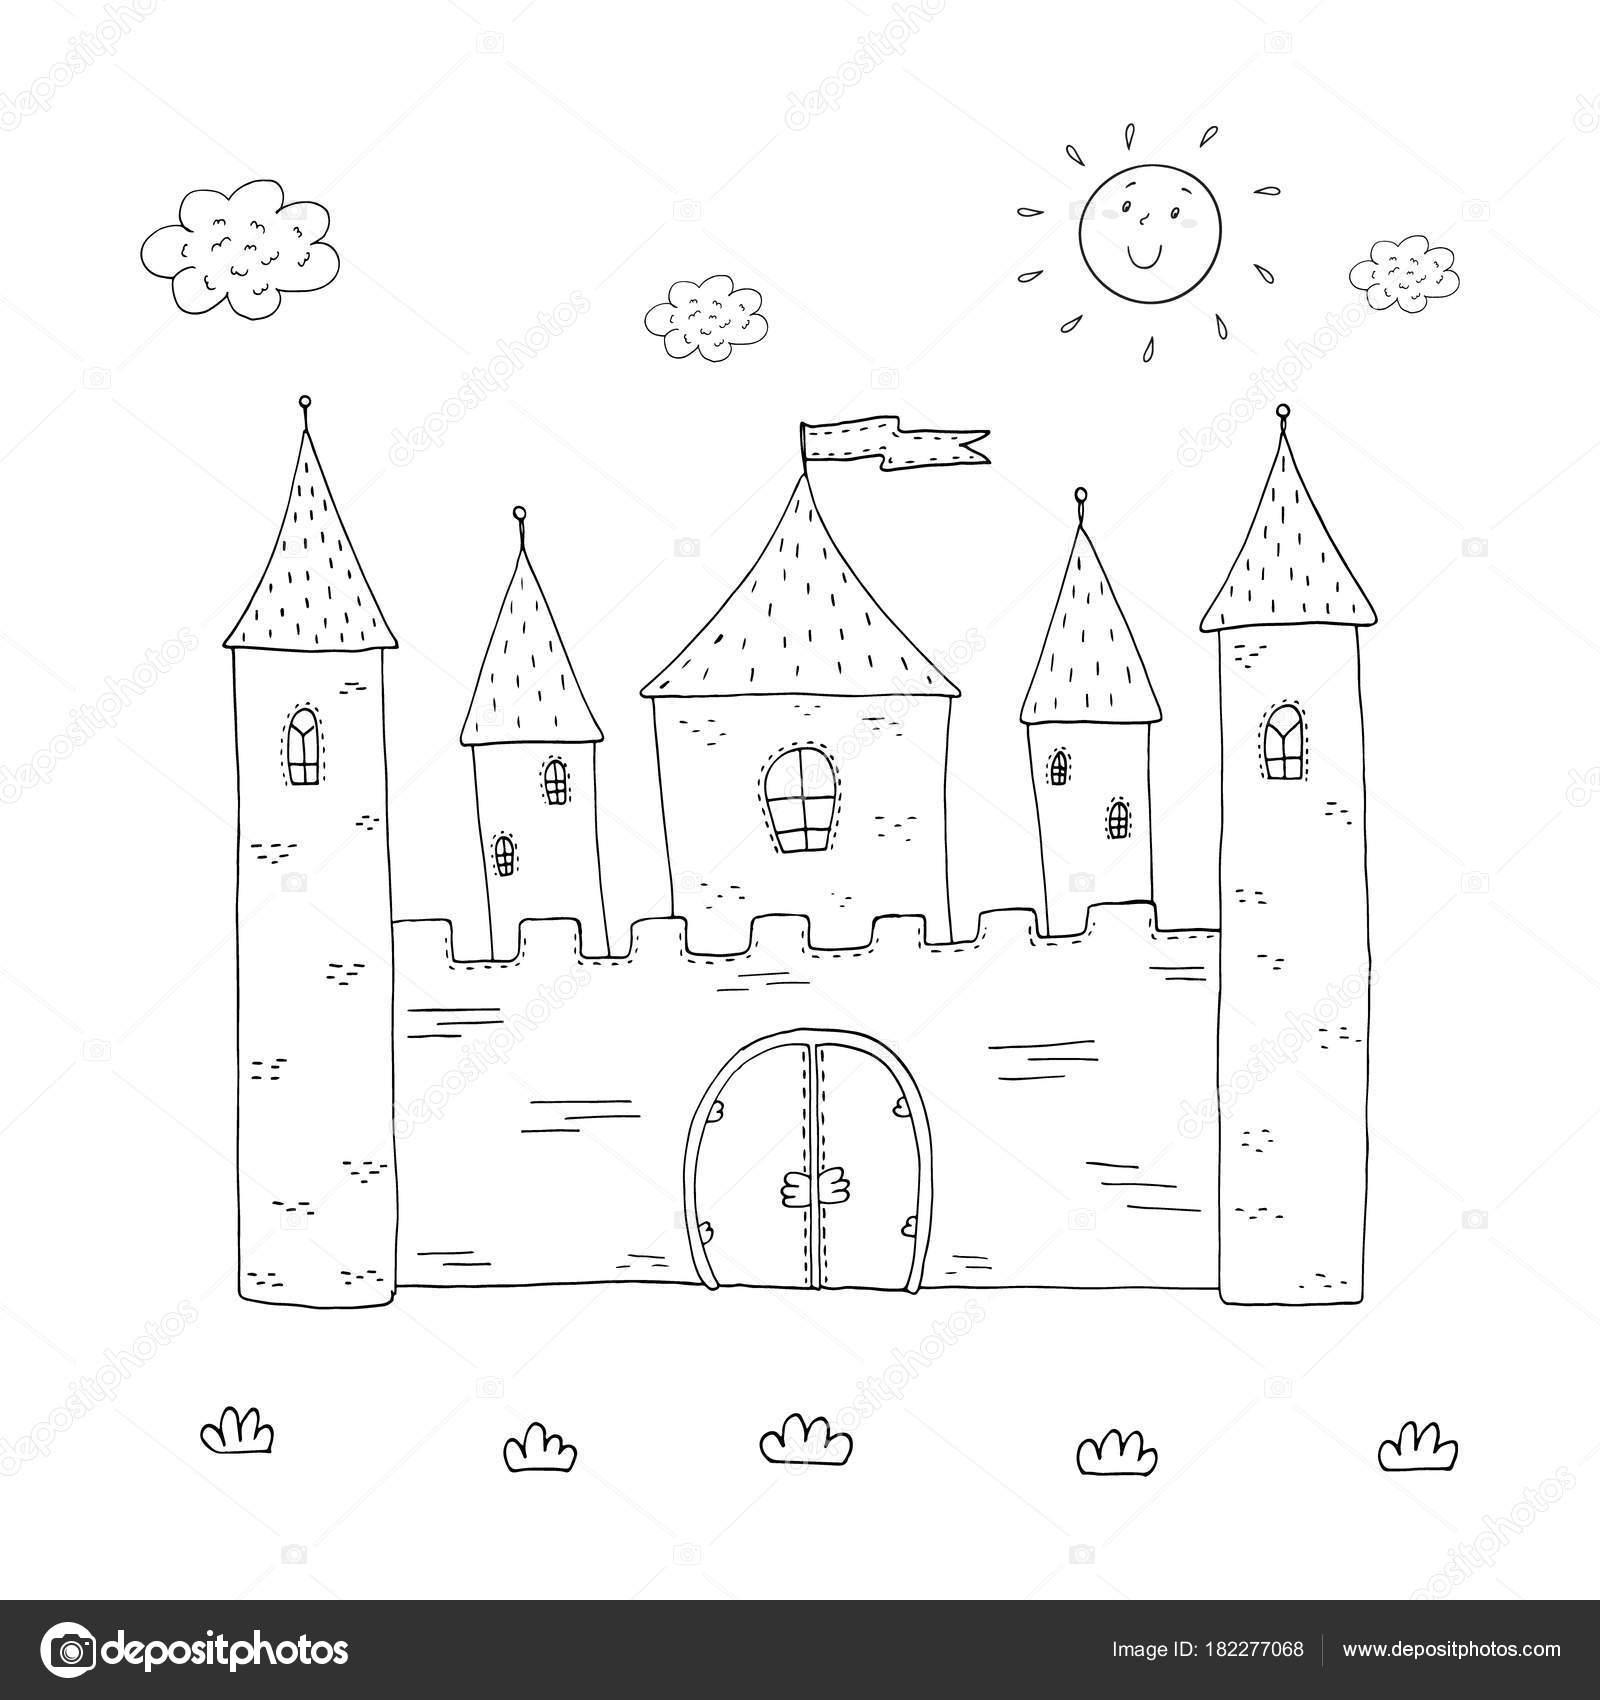 çocuklar Için Boyama Kitabı Sihirli Kale Tasarım Stok Vektör I